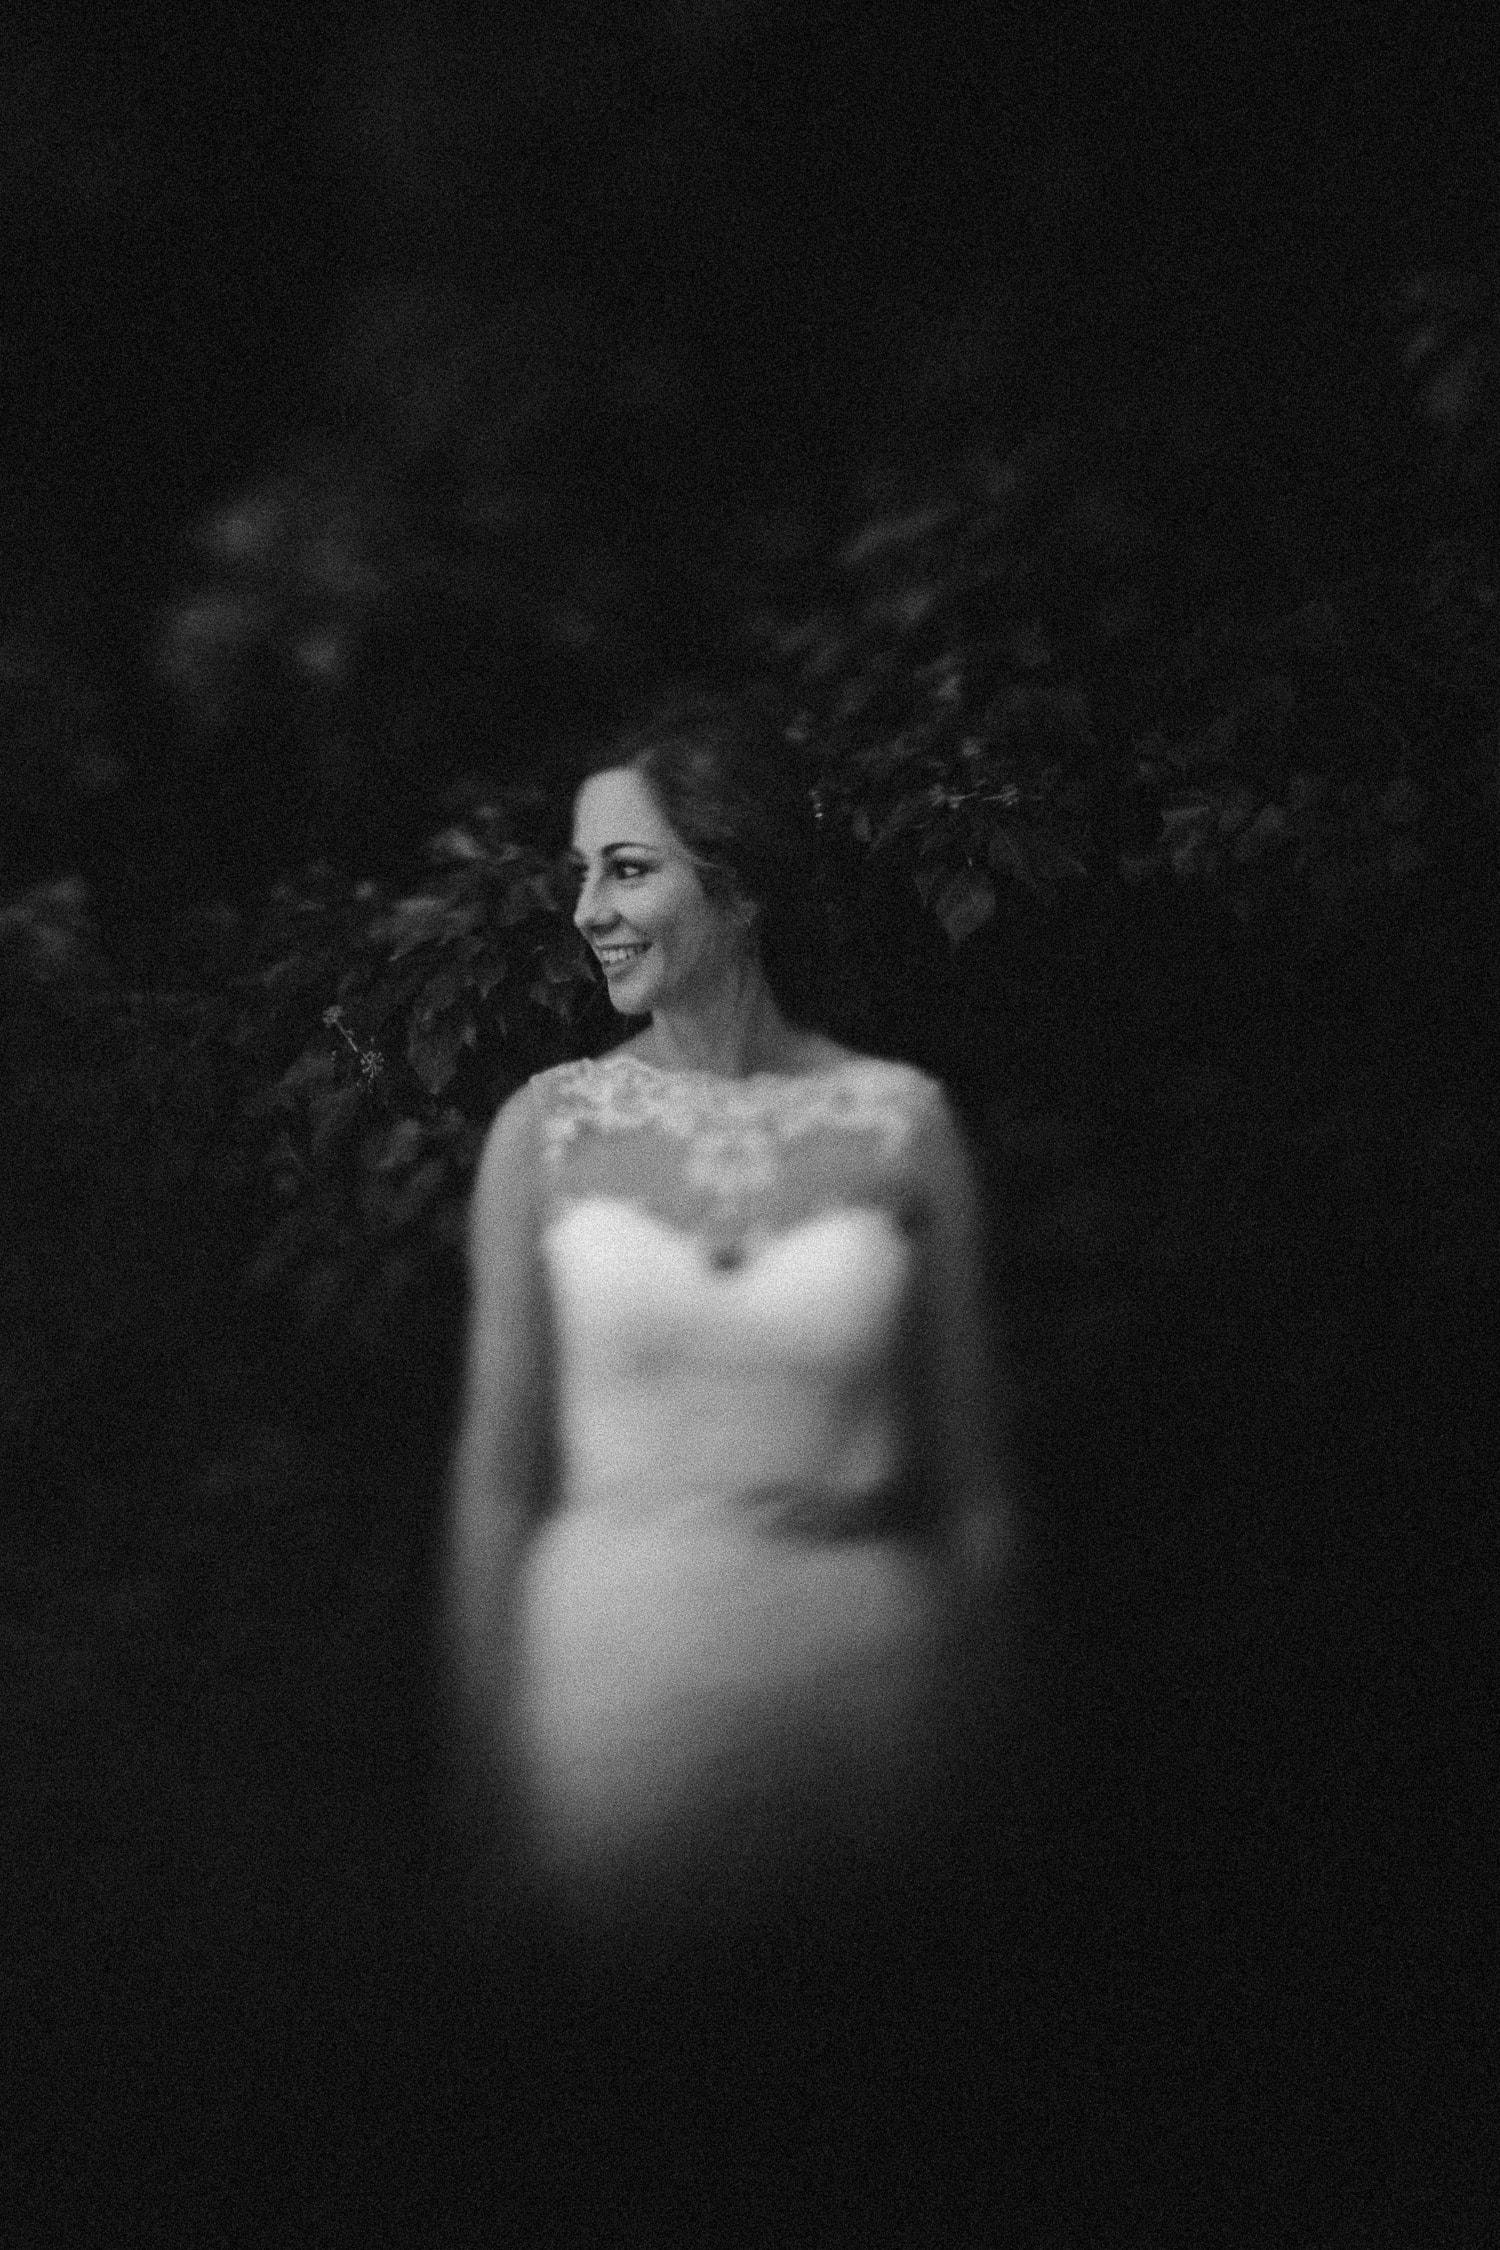 Sarah-Sven-Hochzeitsreportage-51a Yogalehrerin heiratet Handball Trainer Hochzeitreportage